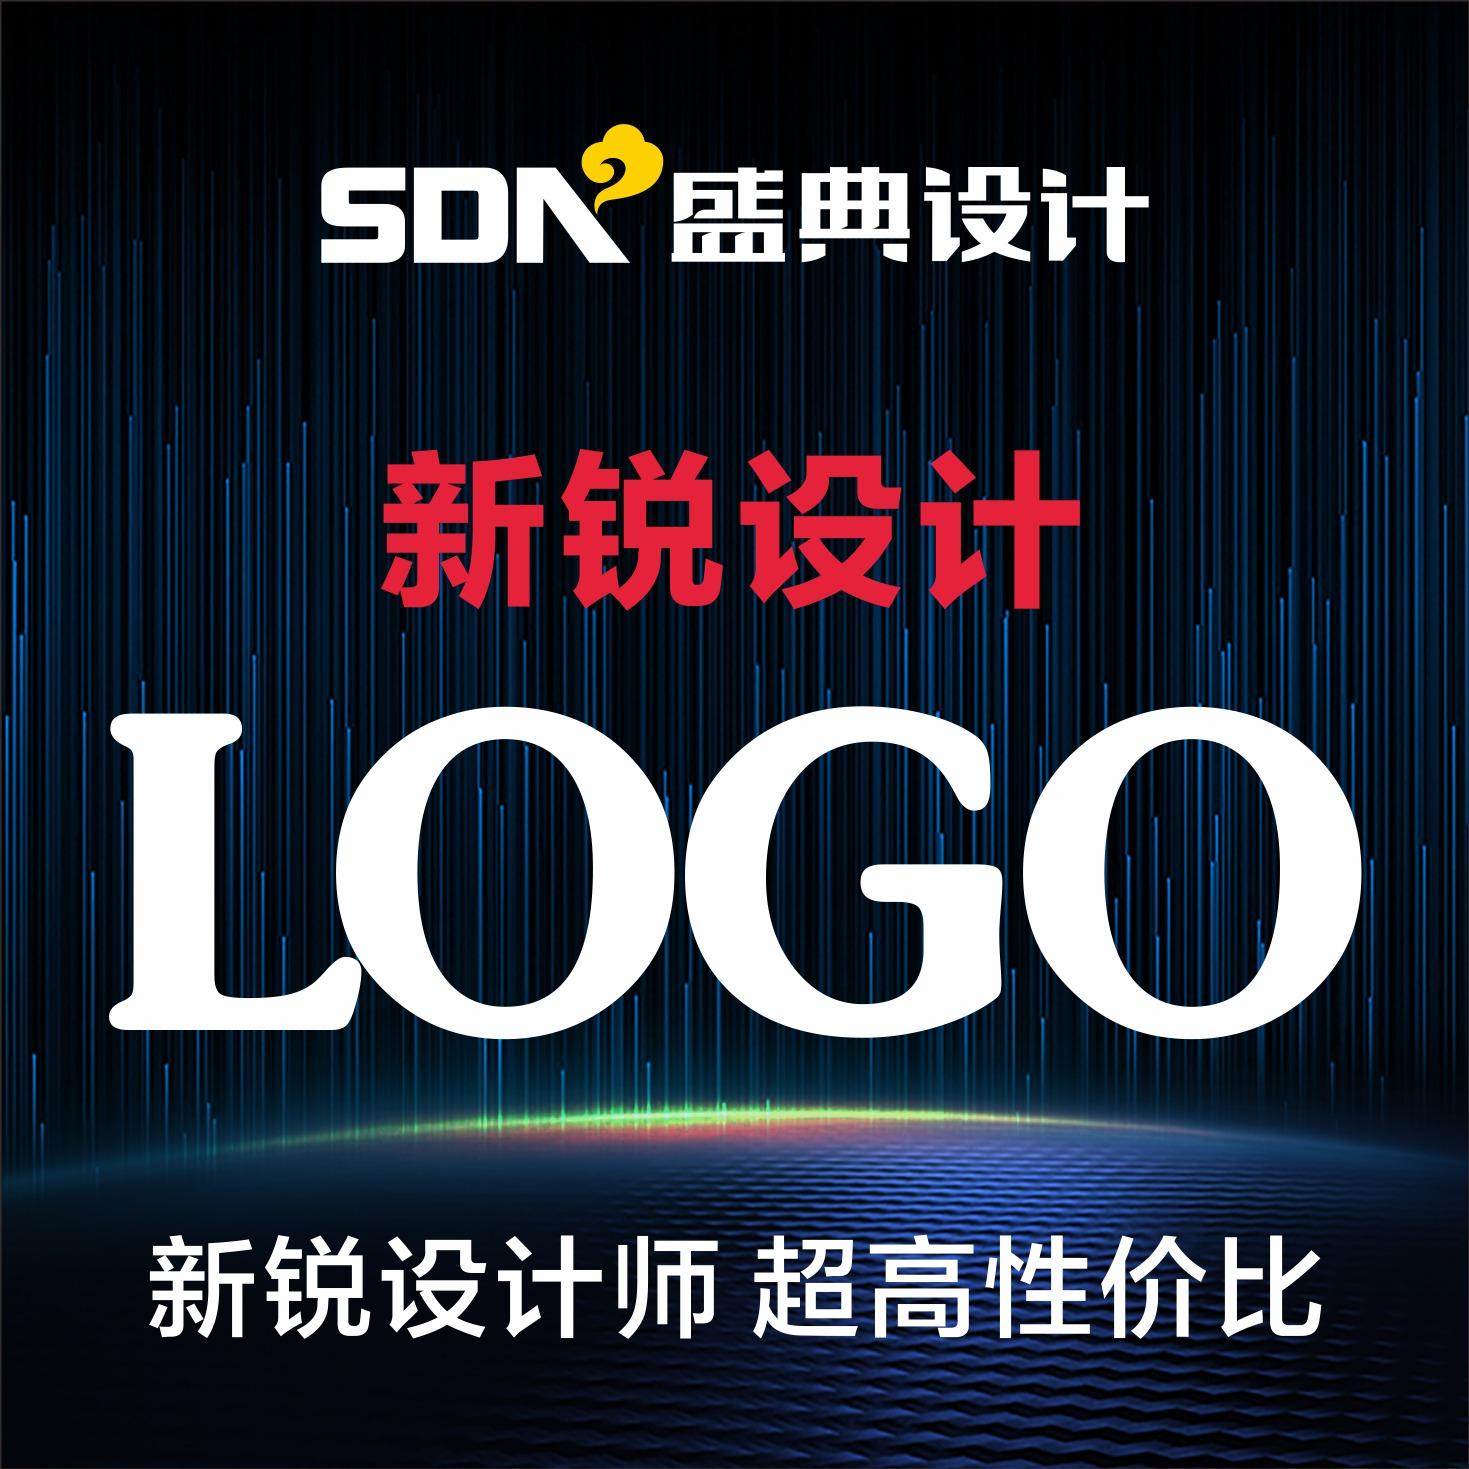 新锐 logo 设计品牌商标设计企业网店食品金融家居卡通中英文